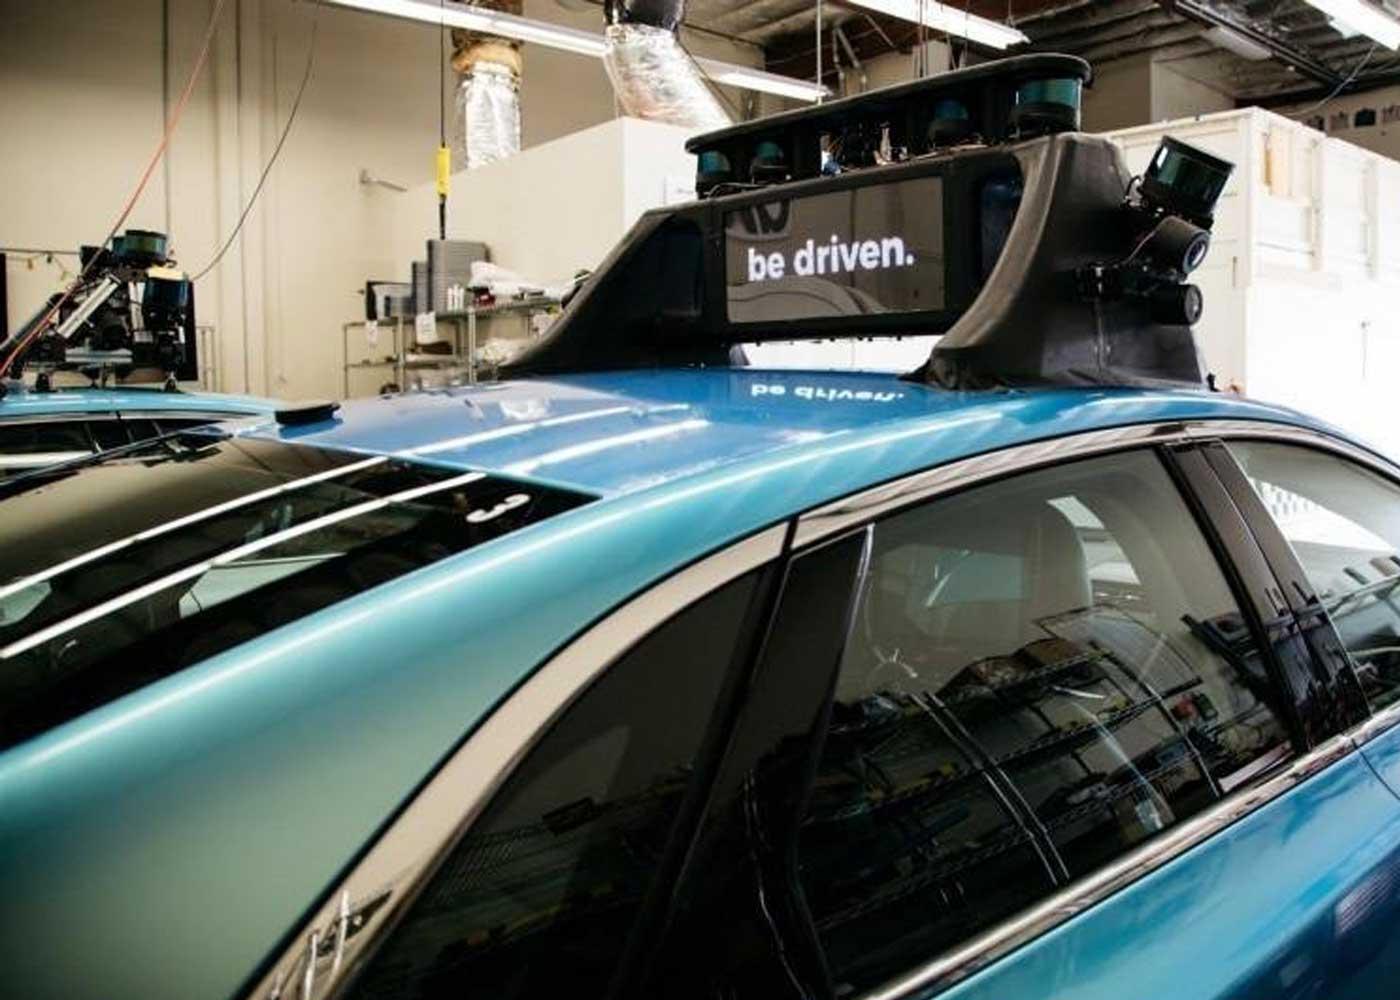 drive_01.jpg